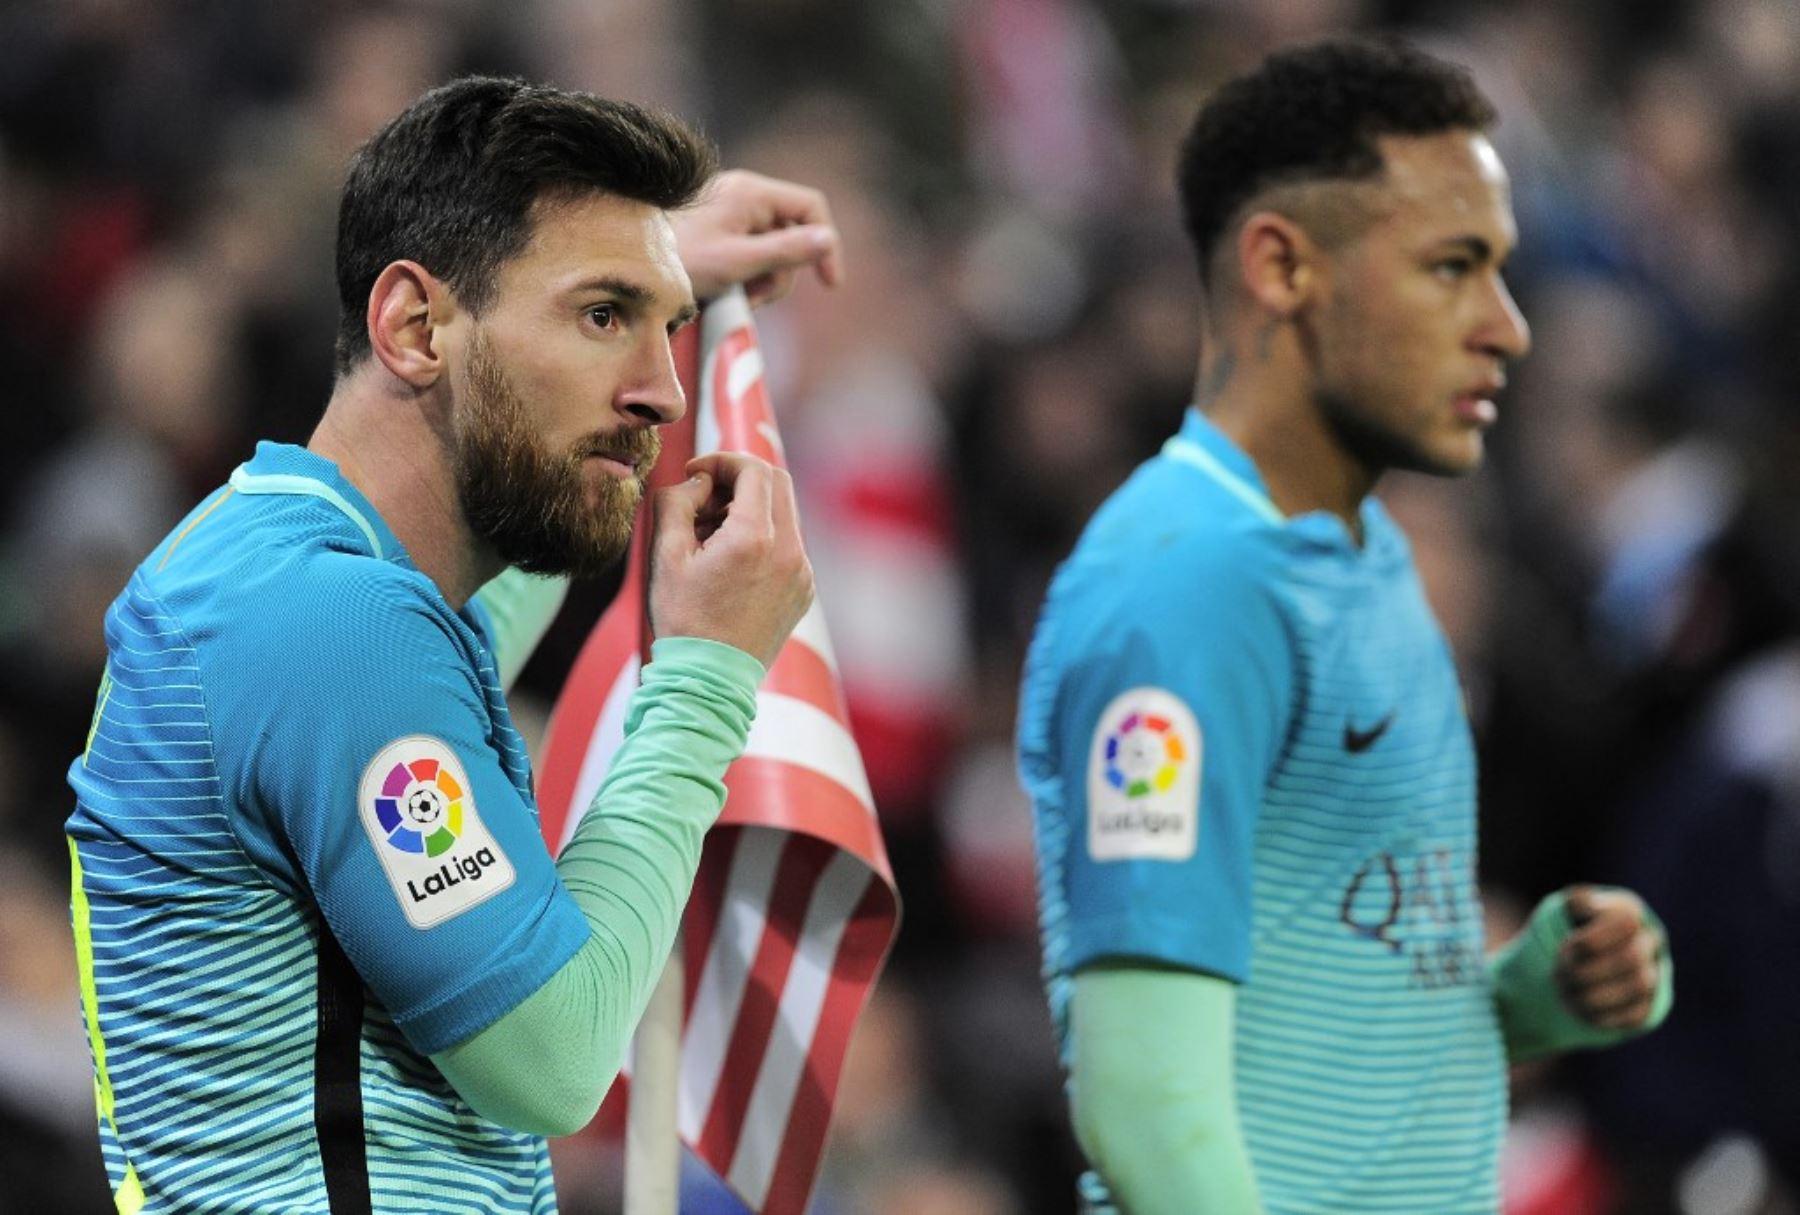 Messi y Neymar, los dos buenos amigos fuera del campo de juego, tendrán un duelo aparte en la final de mañana en el Maracaná